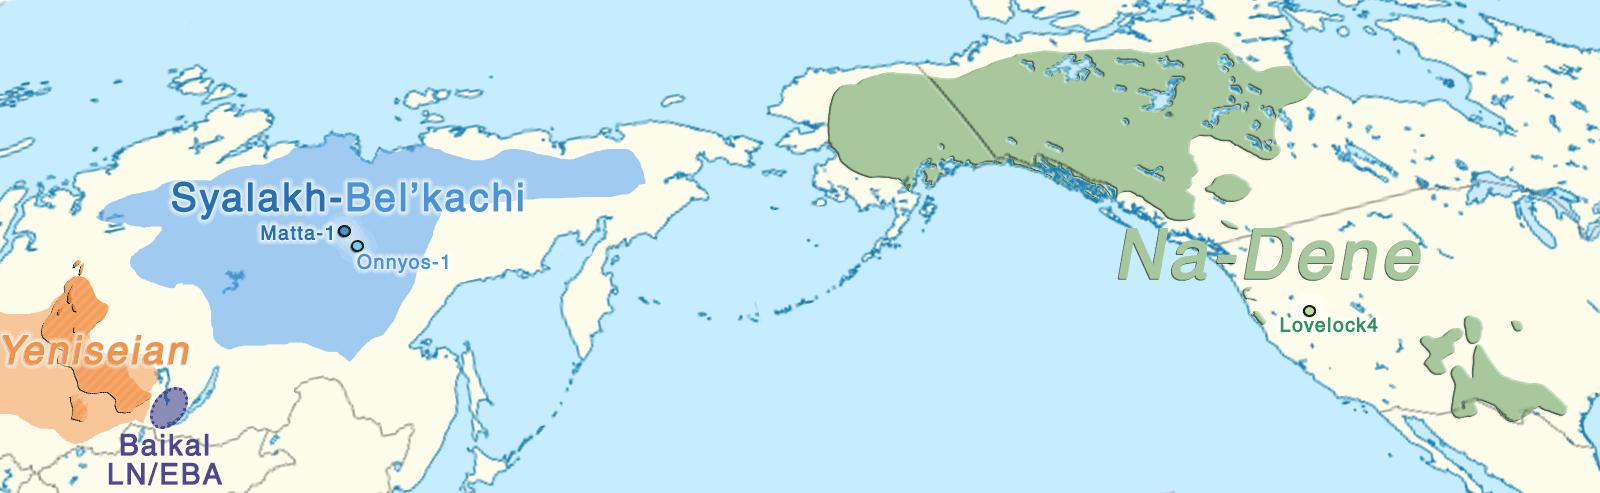 dene-yeniseian-language-map